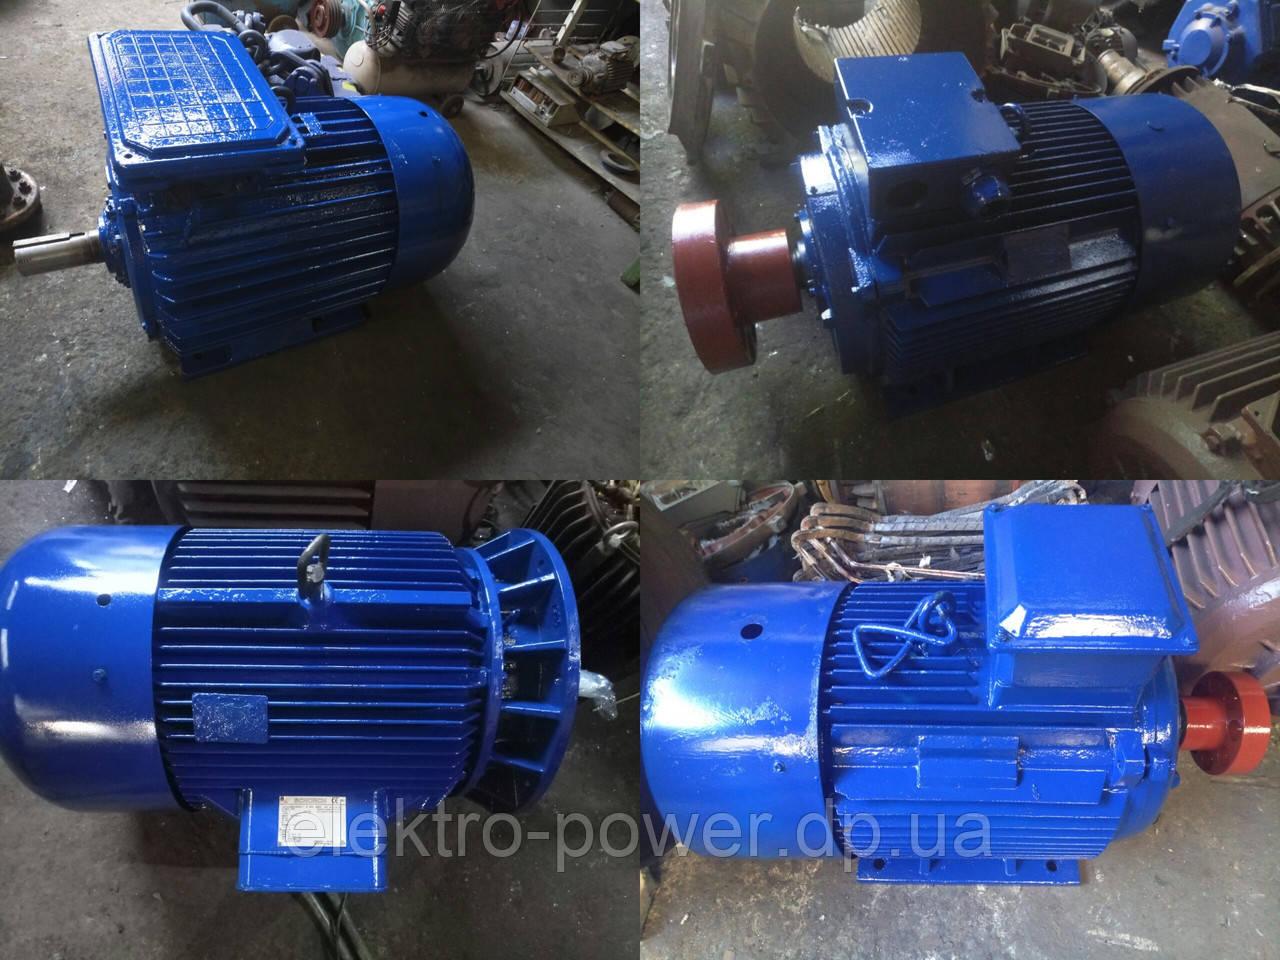 Ремонт низковольтных электродвигателей